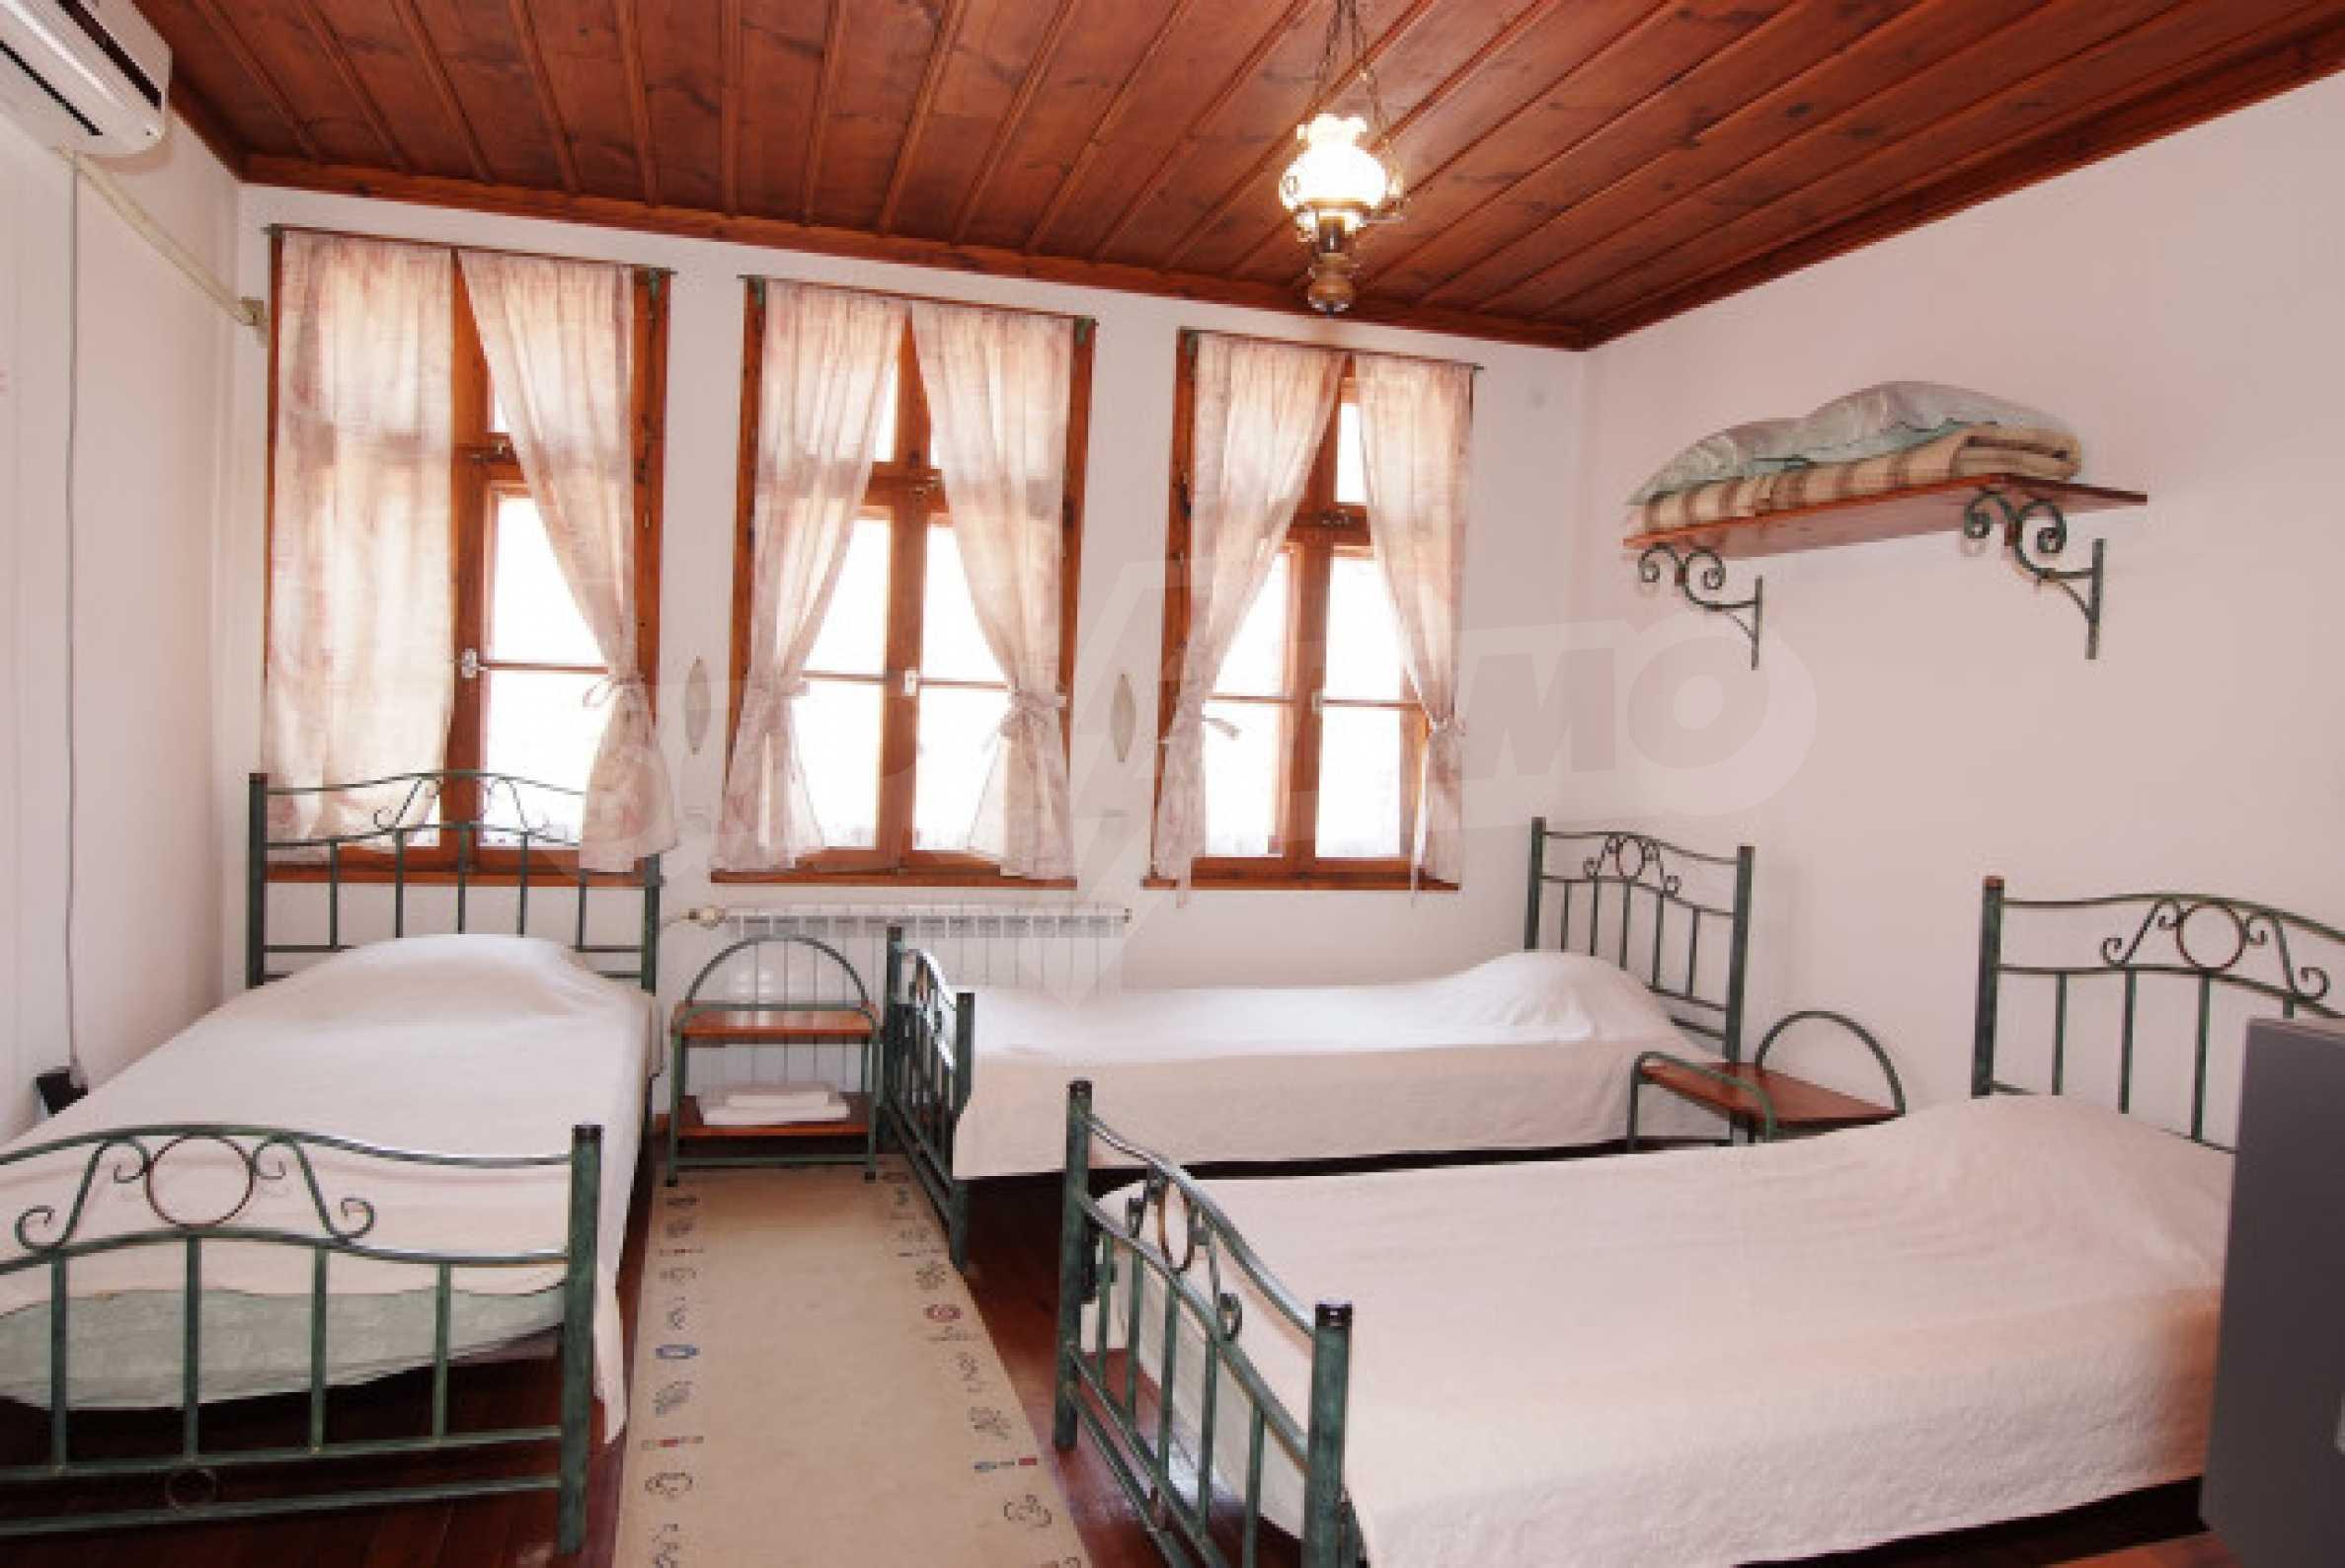 Семеен хотел в центъра на град Мелник 13